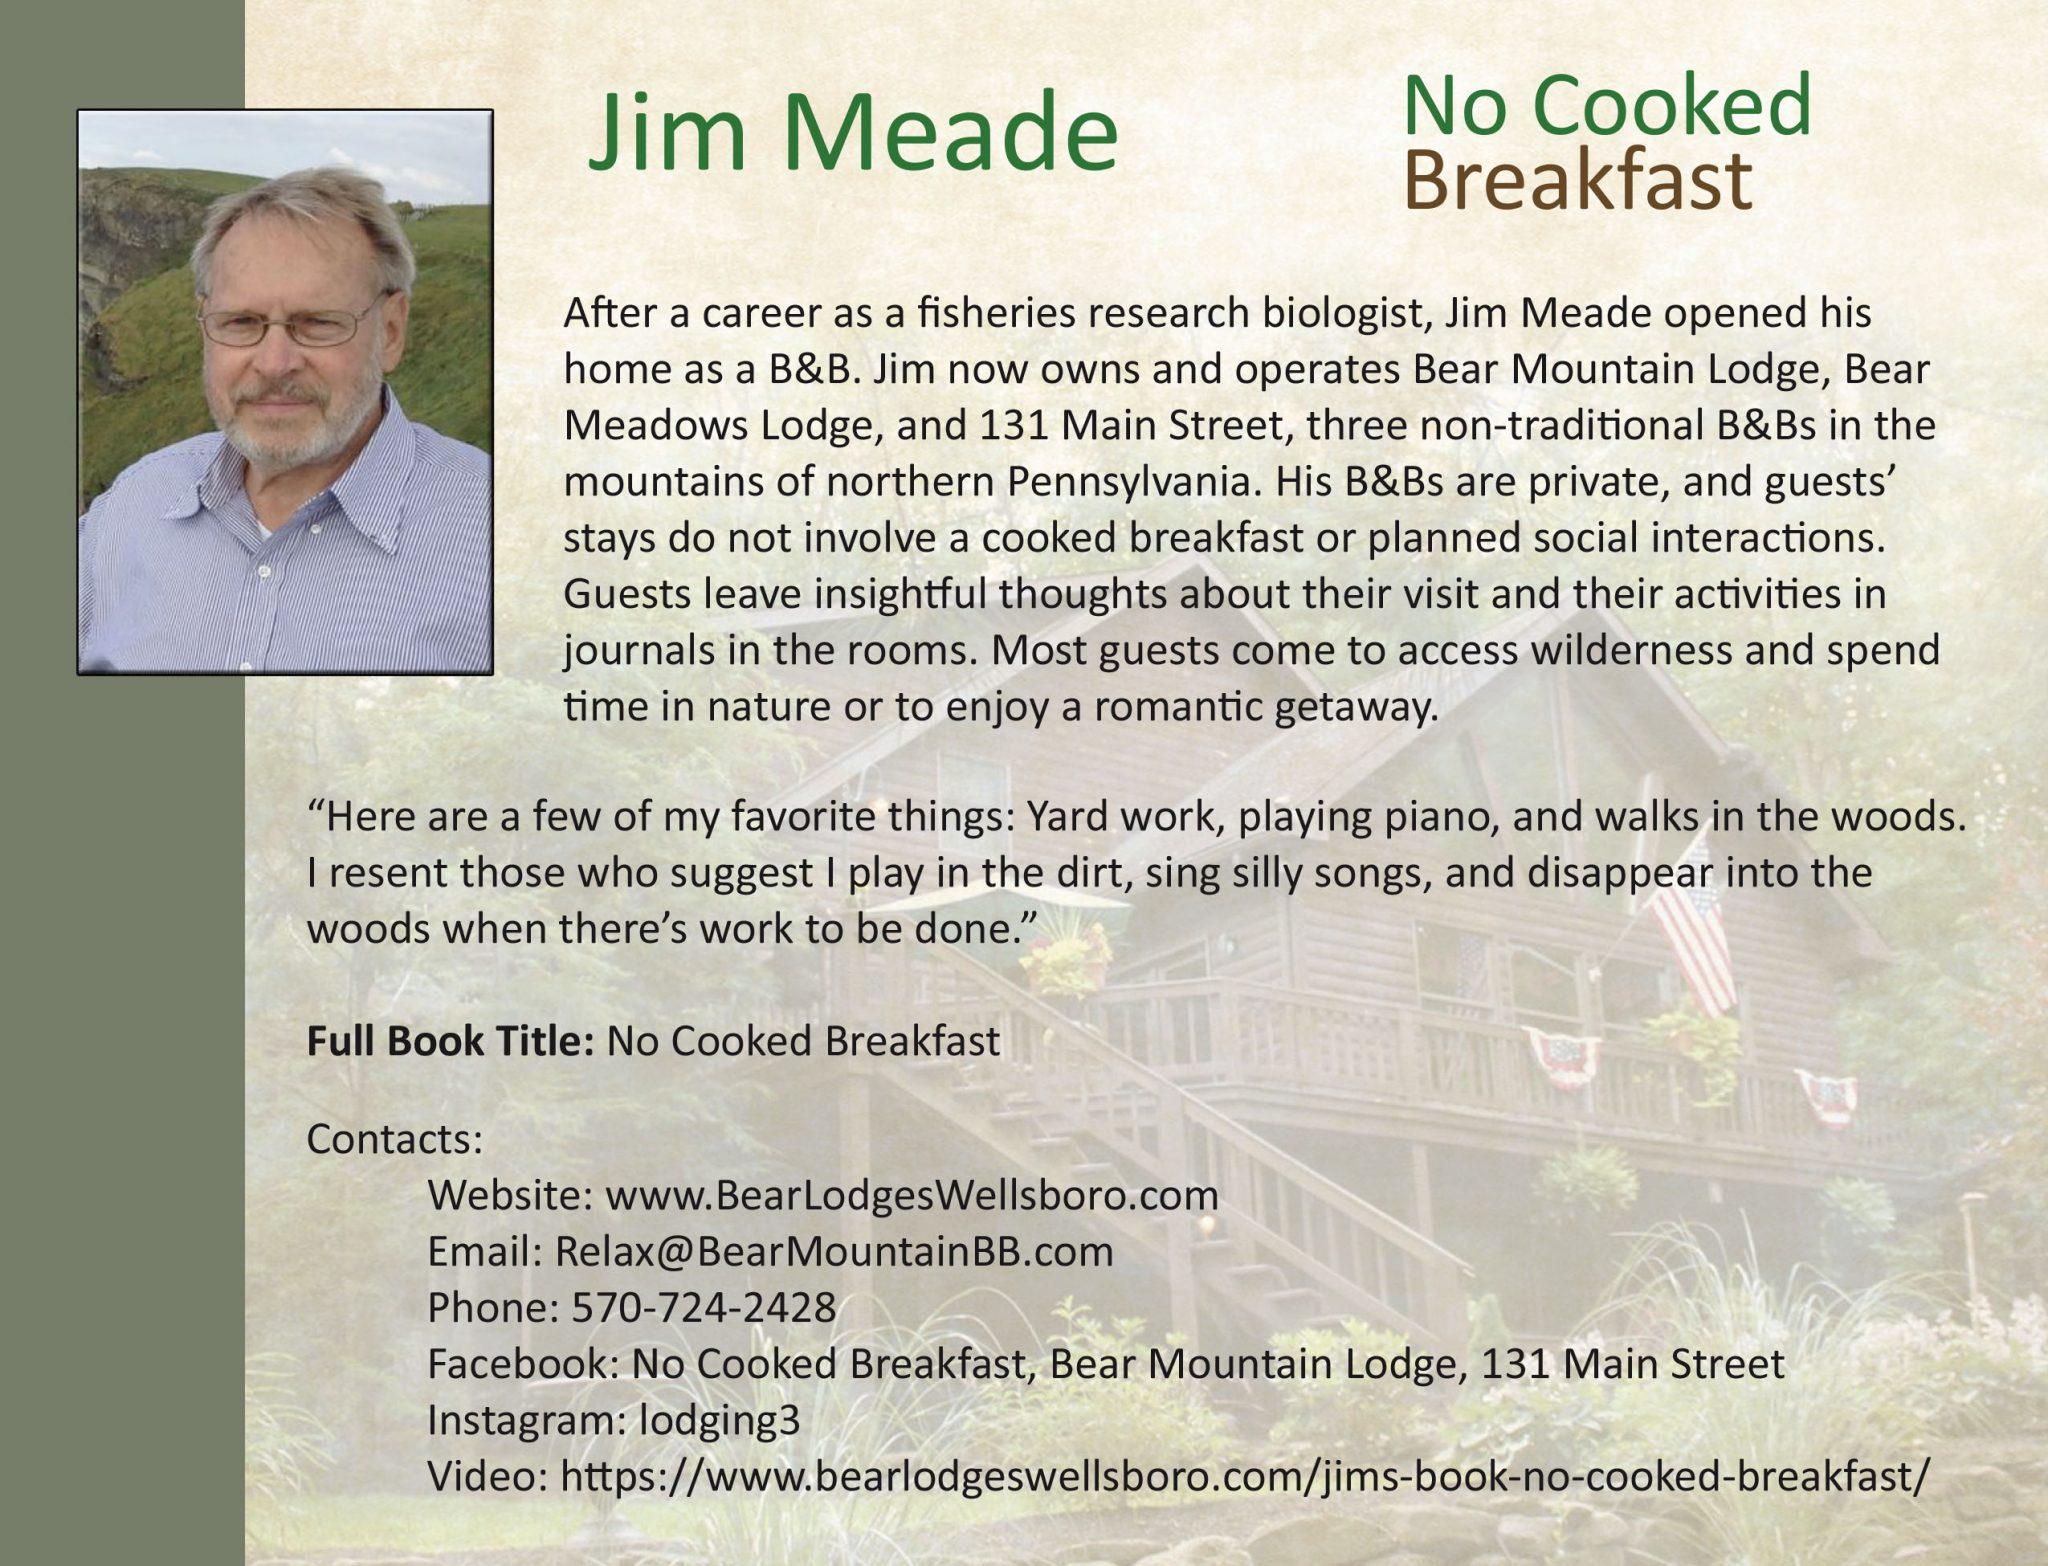 Jim Meade: No Cooked Breakfast